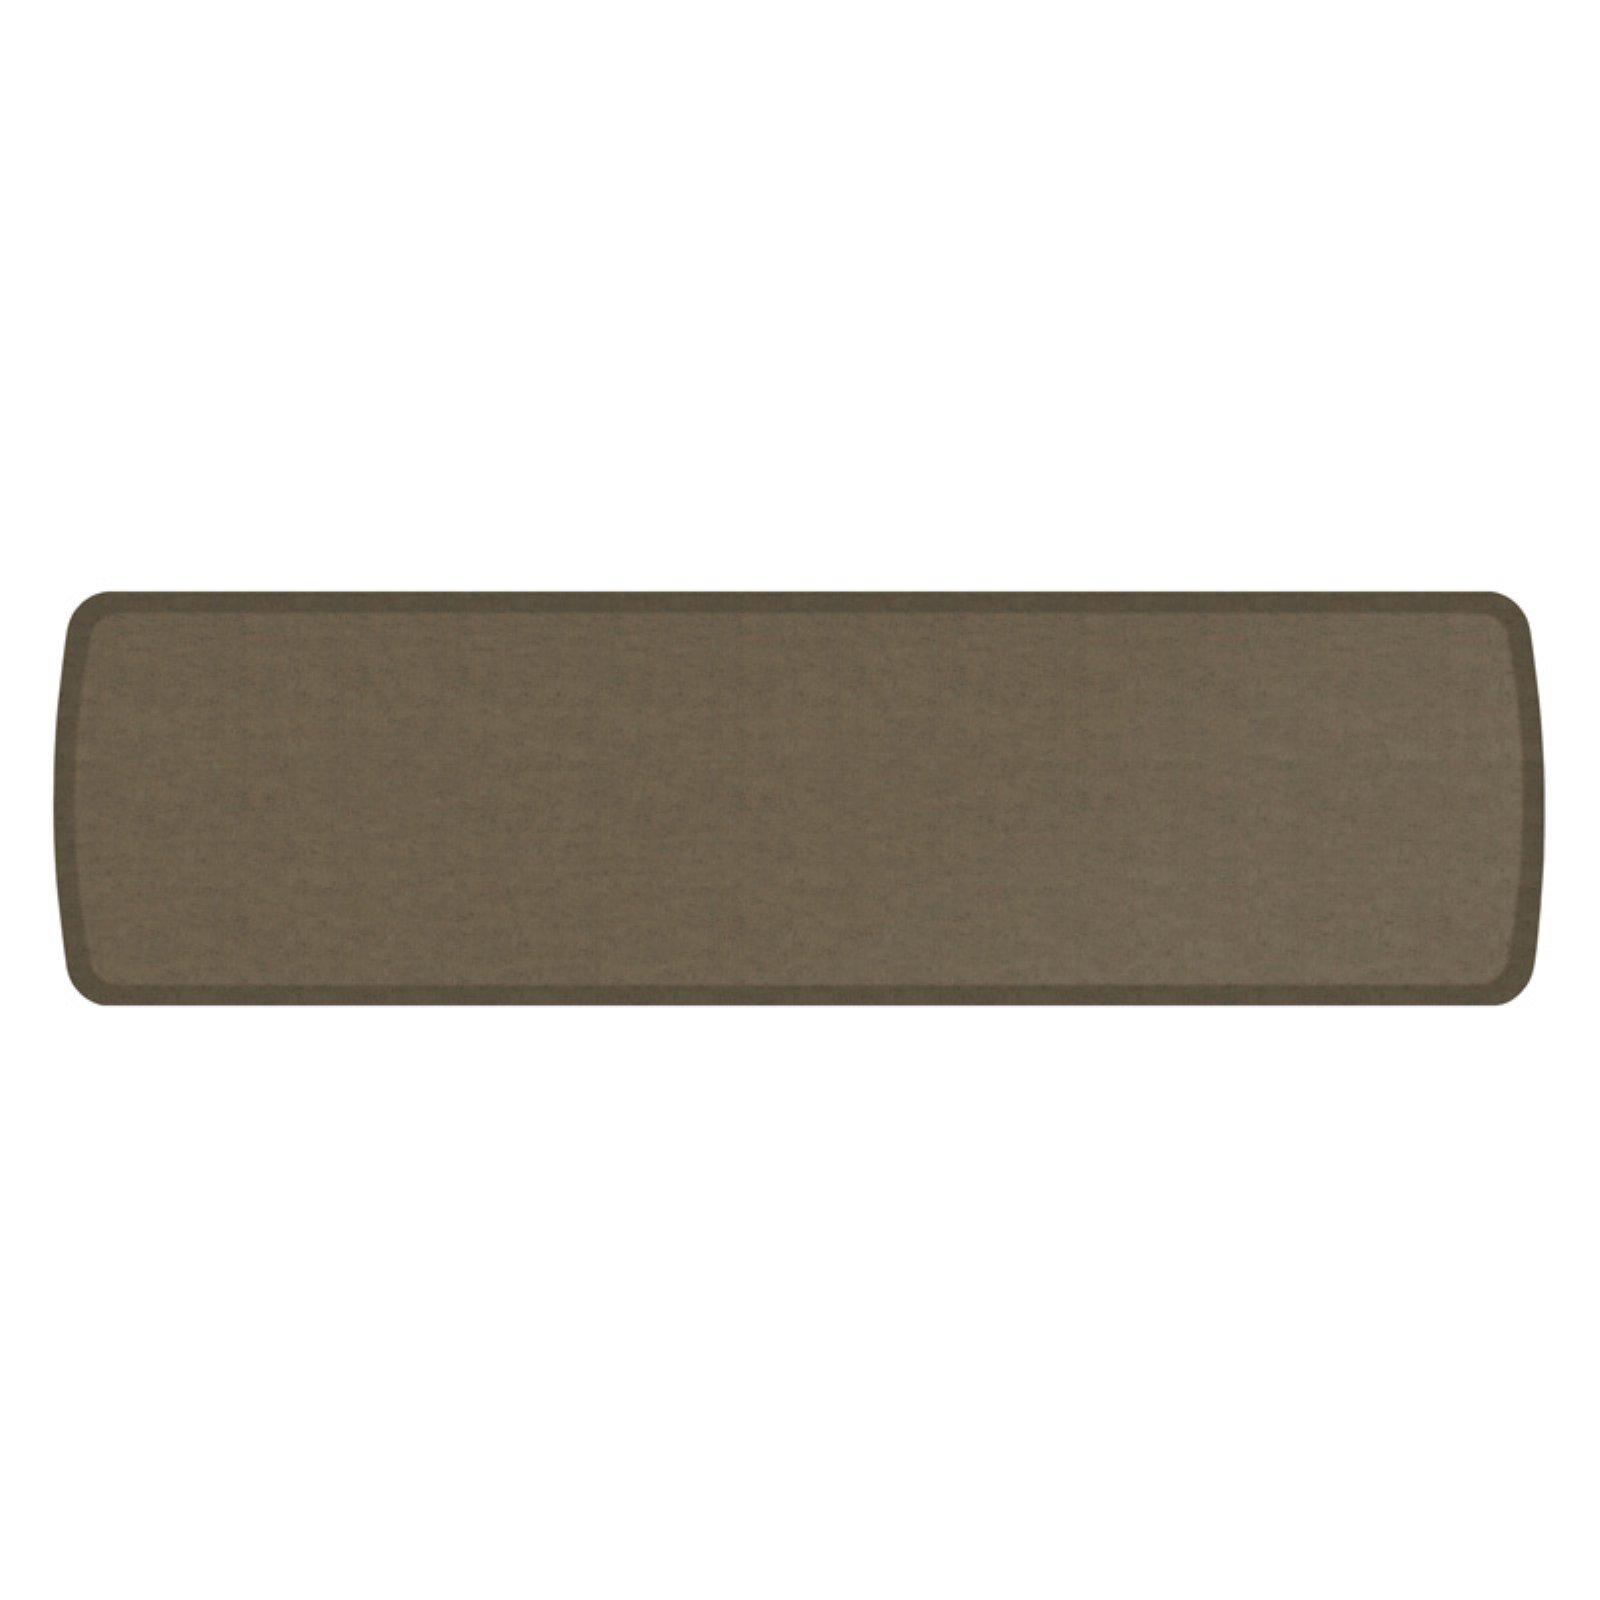 GelPro Elite Anti-Fatigue Kitchen Comfort Floor Mat - 20x...